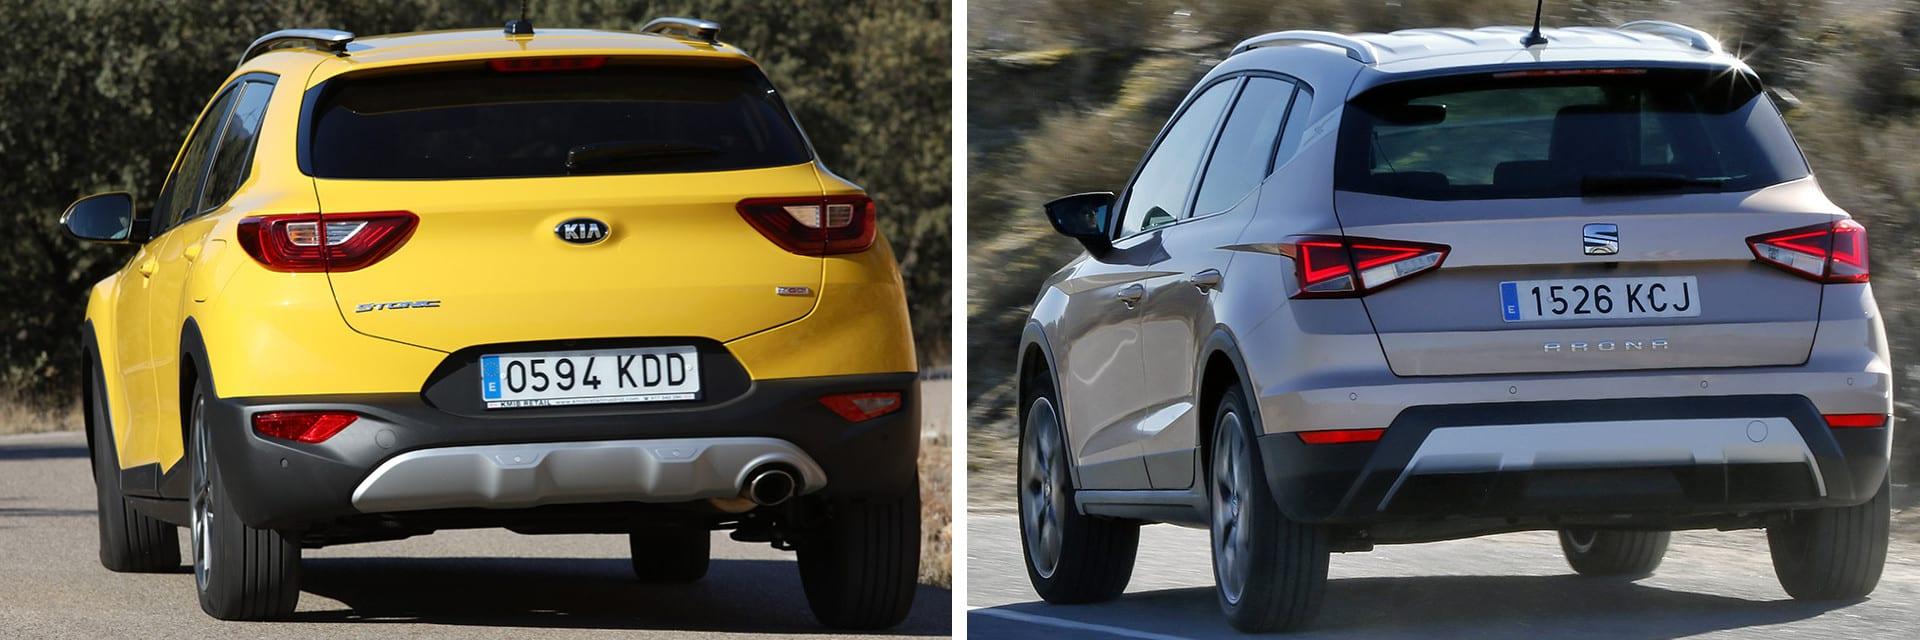 El KIA Stonic (izq.) y el SEAT Arona (dcha) prácticamente tienen el mismo consumo y la misma aceleración de 80 a 120 km/h.